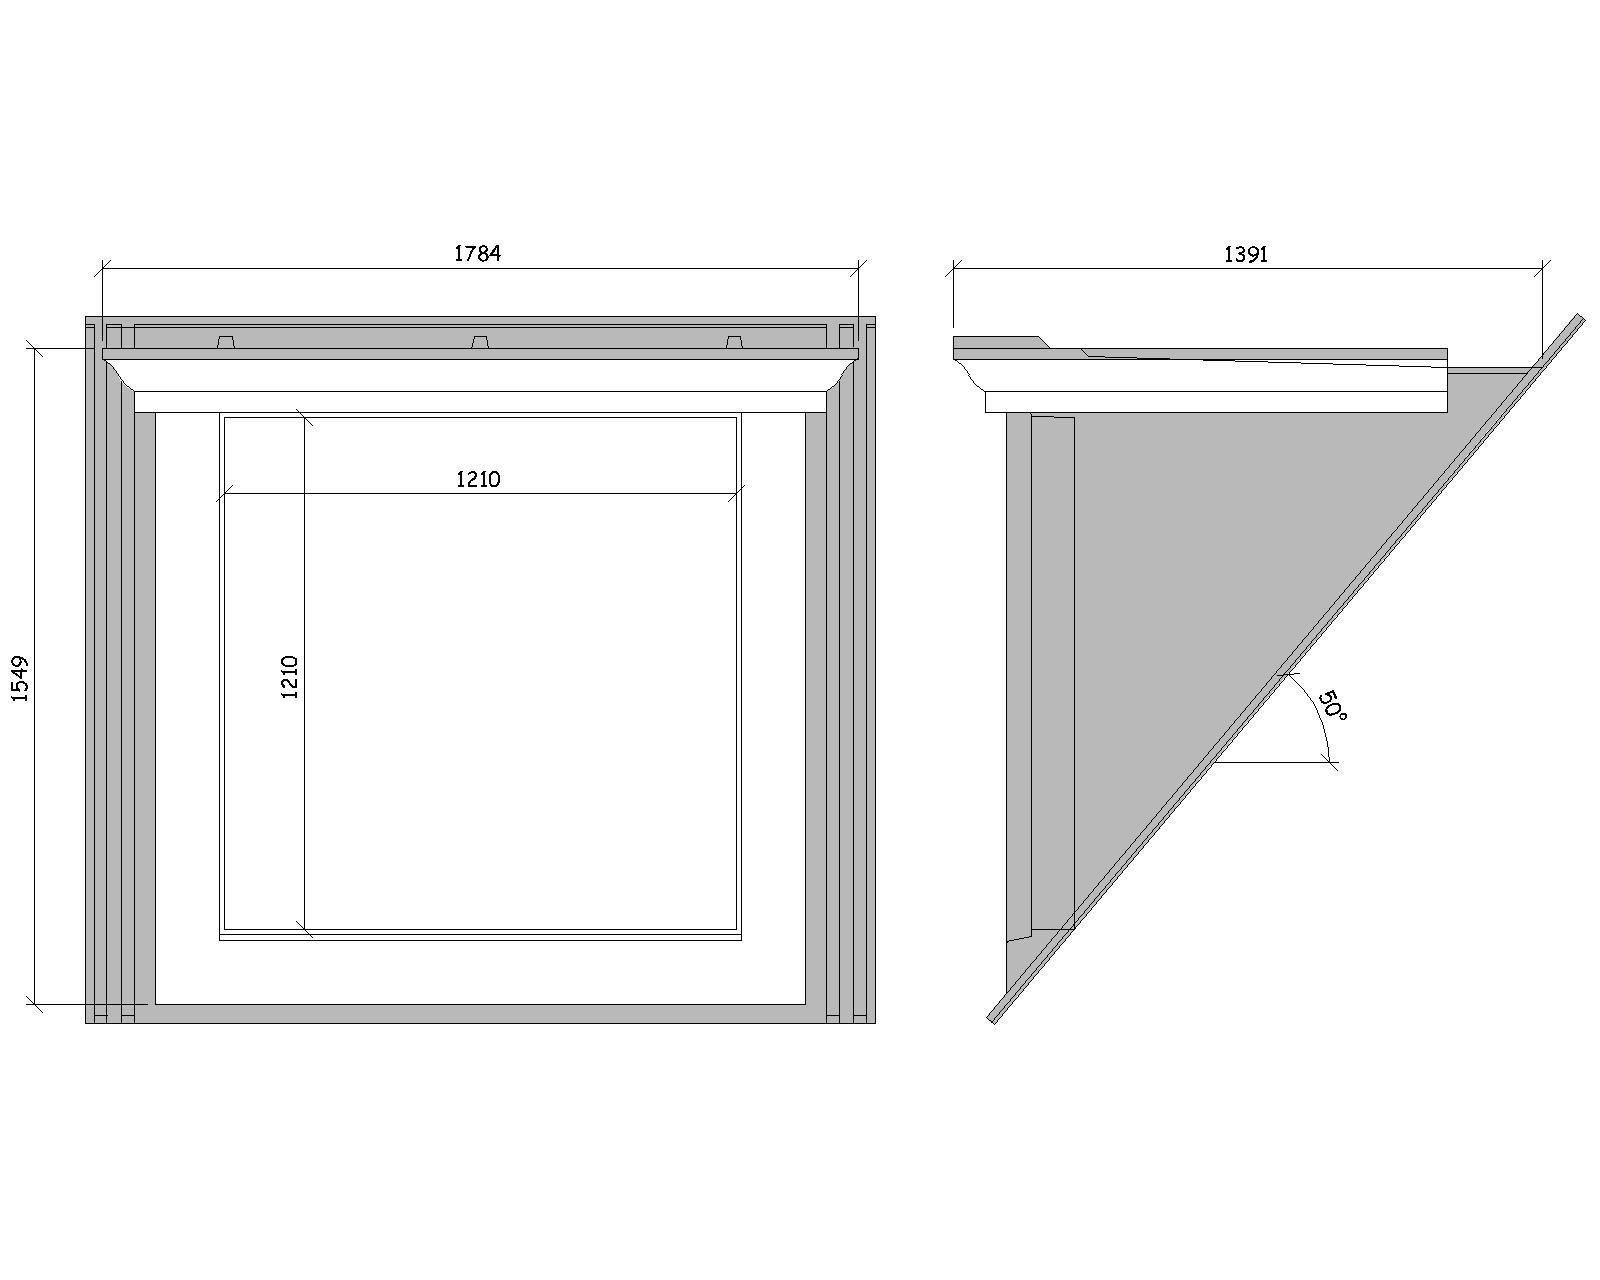 50 176 Flat Roof Dormer Wbp 10463 02 Grp Window Surrounds